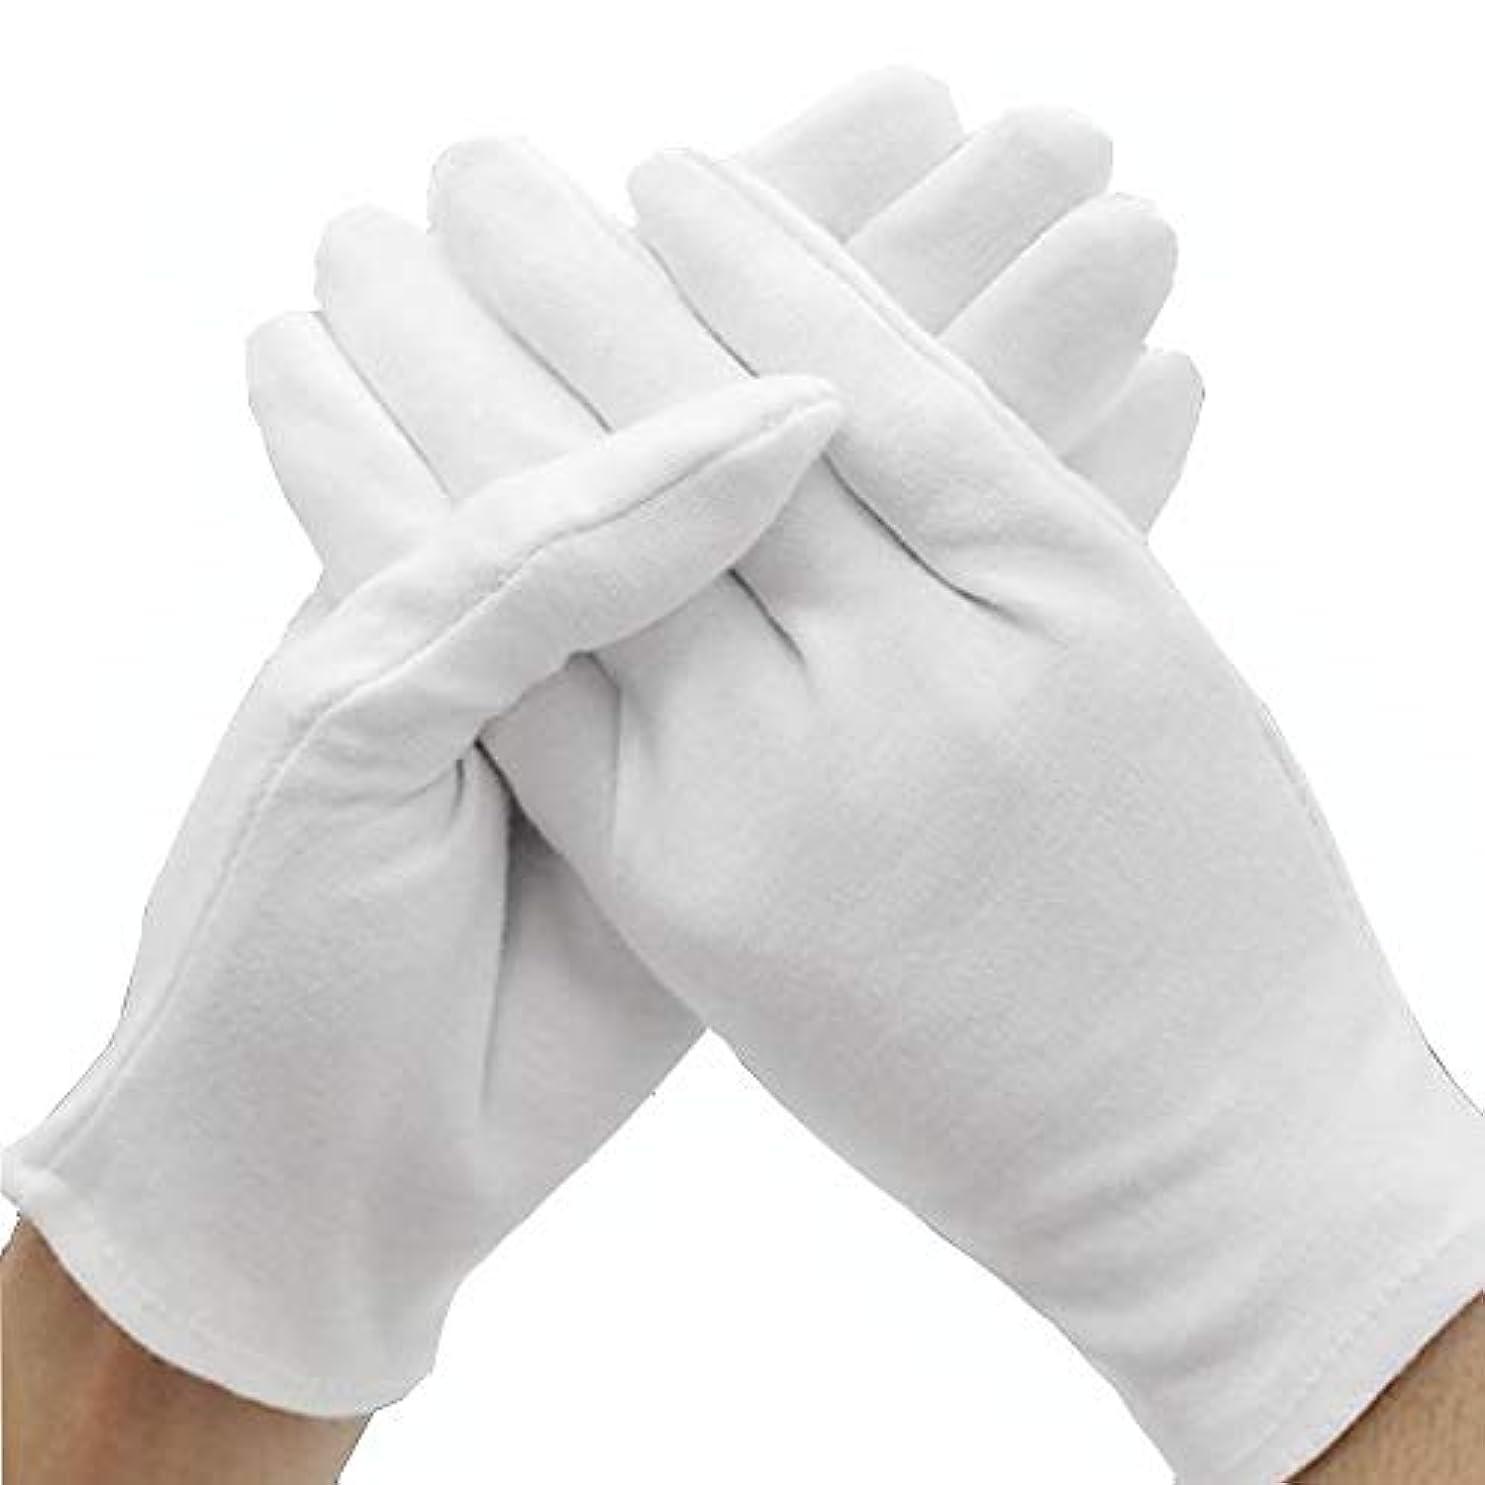 火薬後者叫ぶLezej インナーコットン手袋 白い手袋 綿手袋 衛生手袋 コットン手袋 ガーデニング用手袋 作業手袋 健康的な手袋 環境保護用手袋(12組) (M)